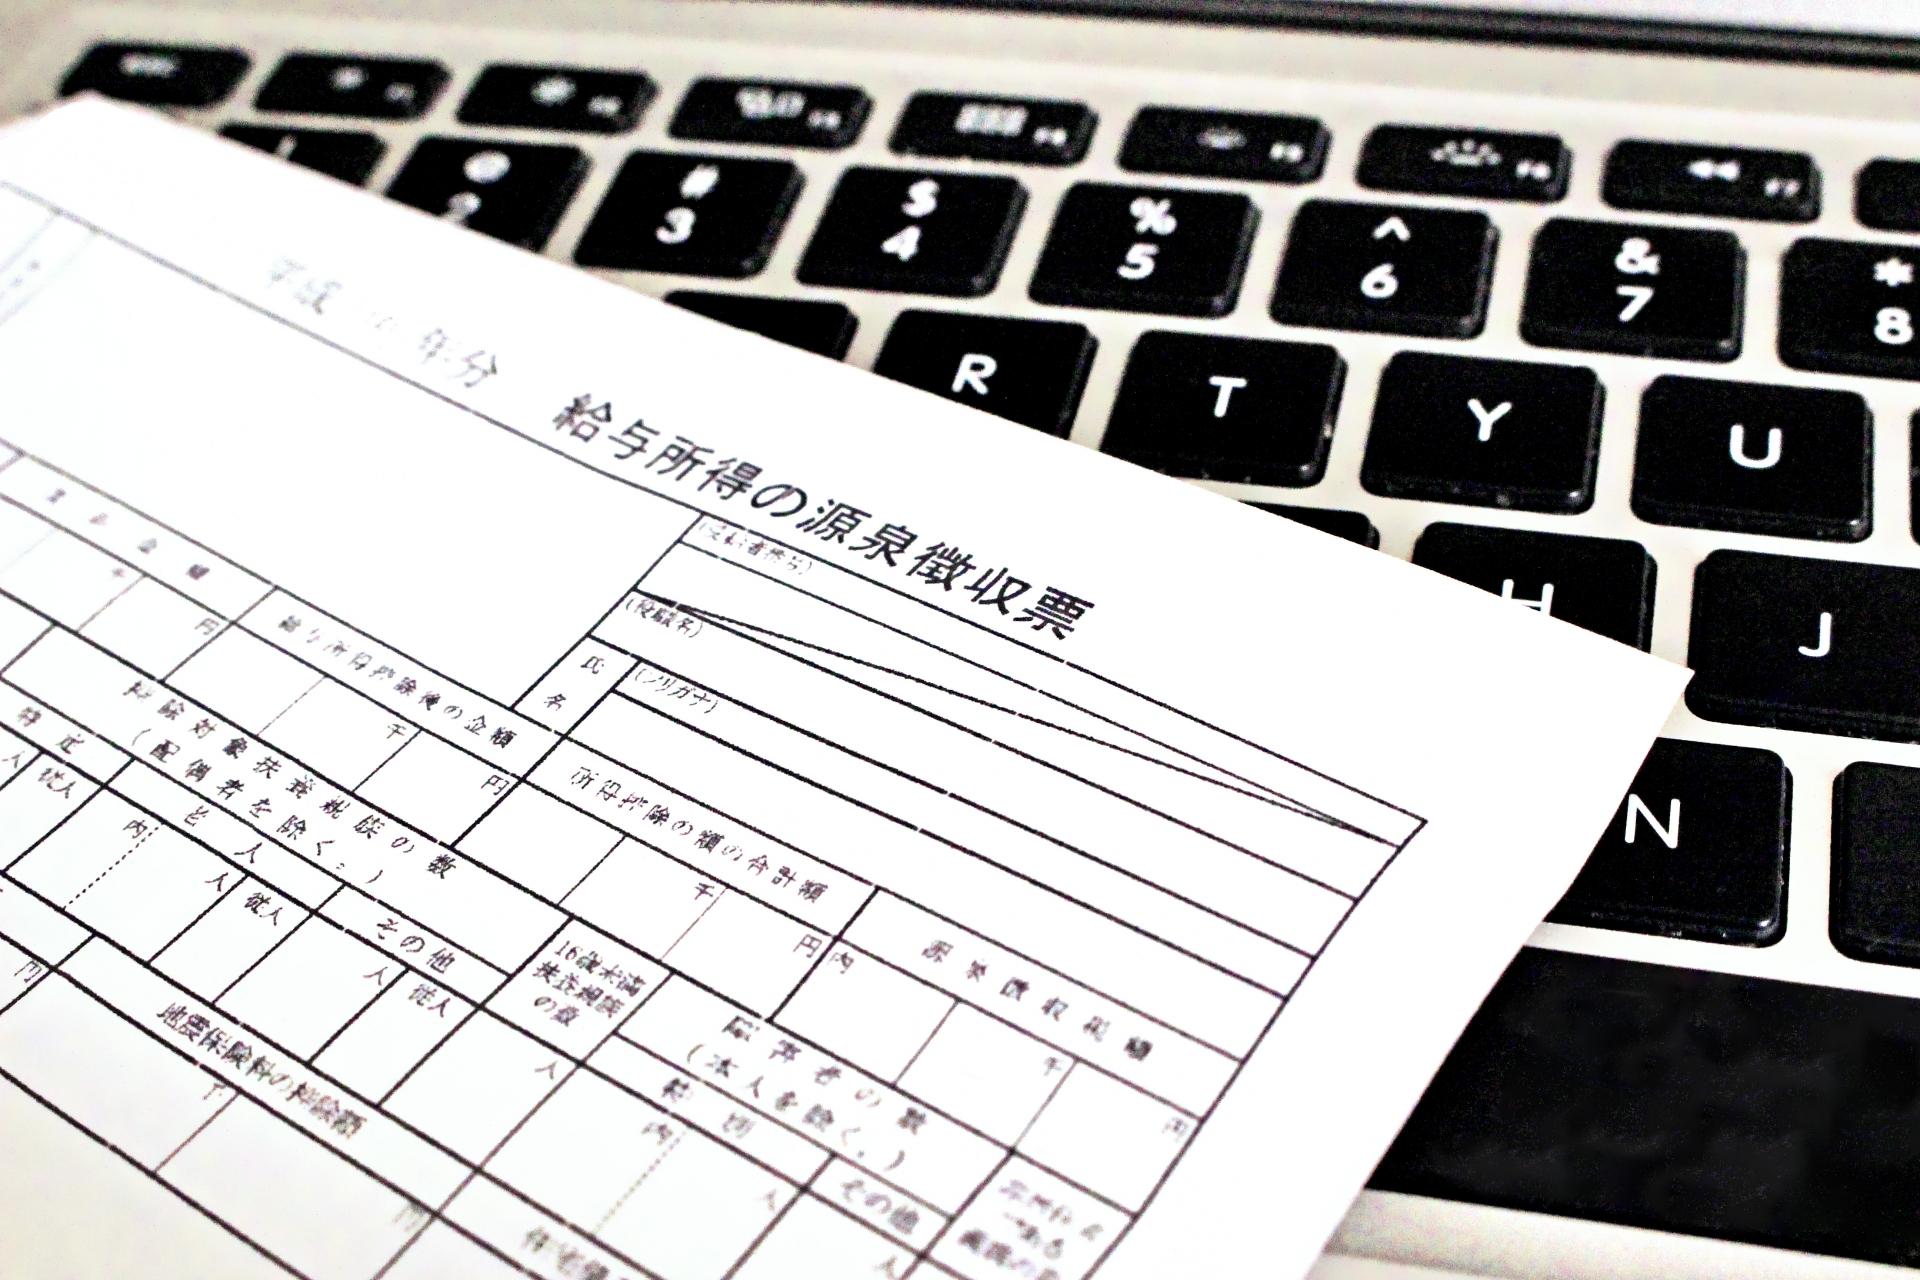 【源泉徴収票と給与支払報告書】両者の4つの違いと提出時の注意点とは?